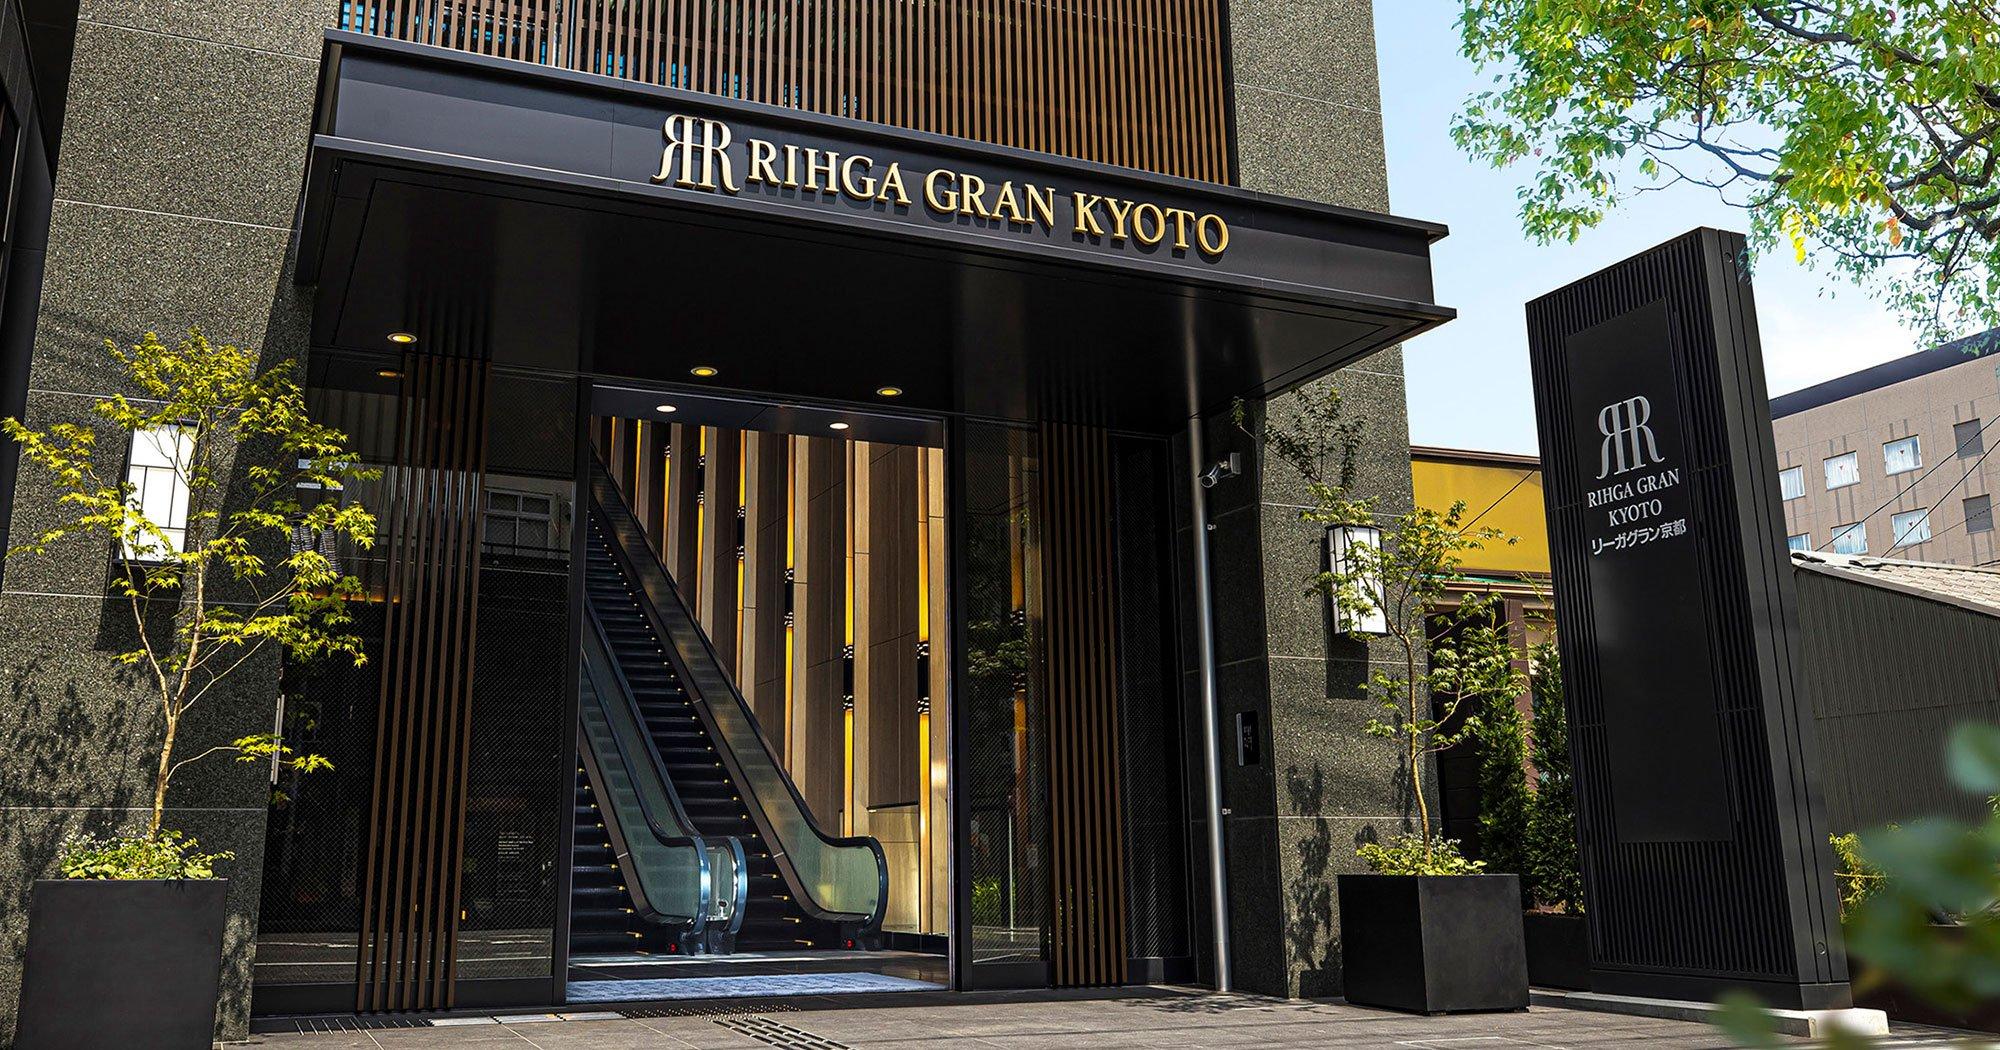 麗嘉GRAN京都酒店